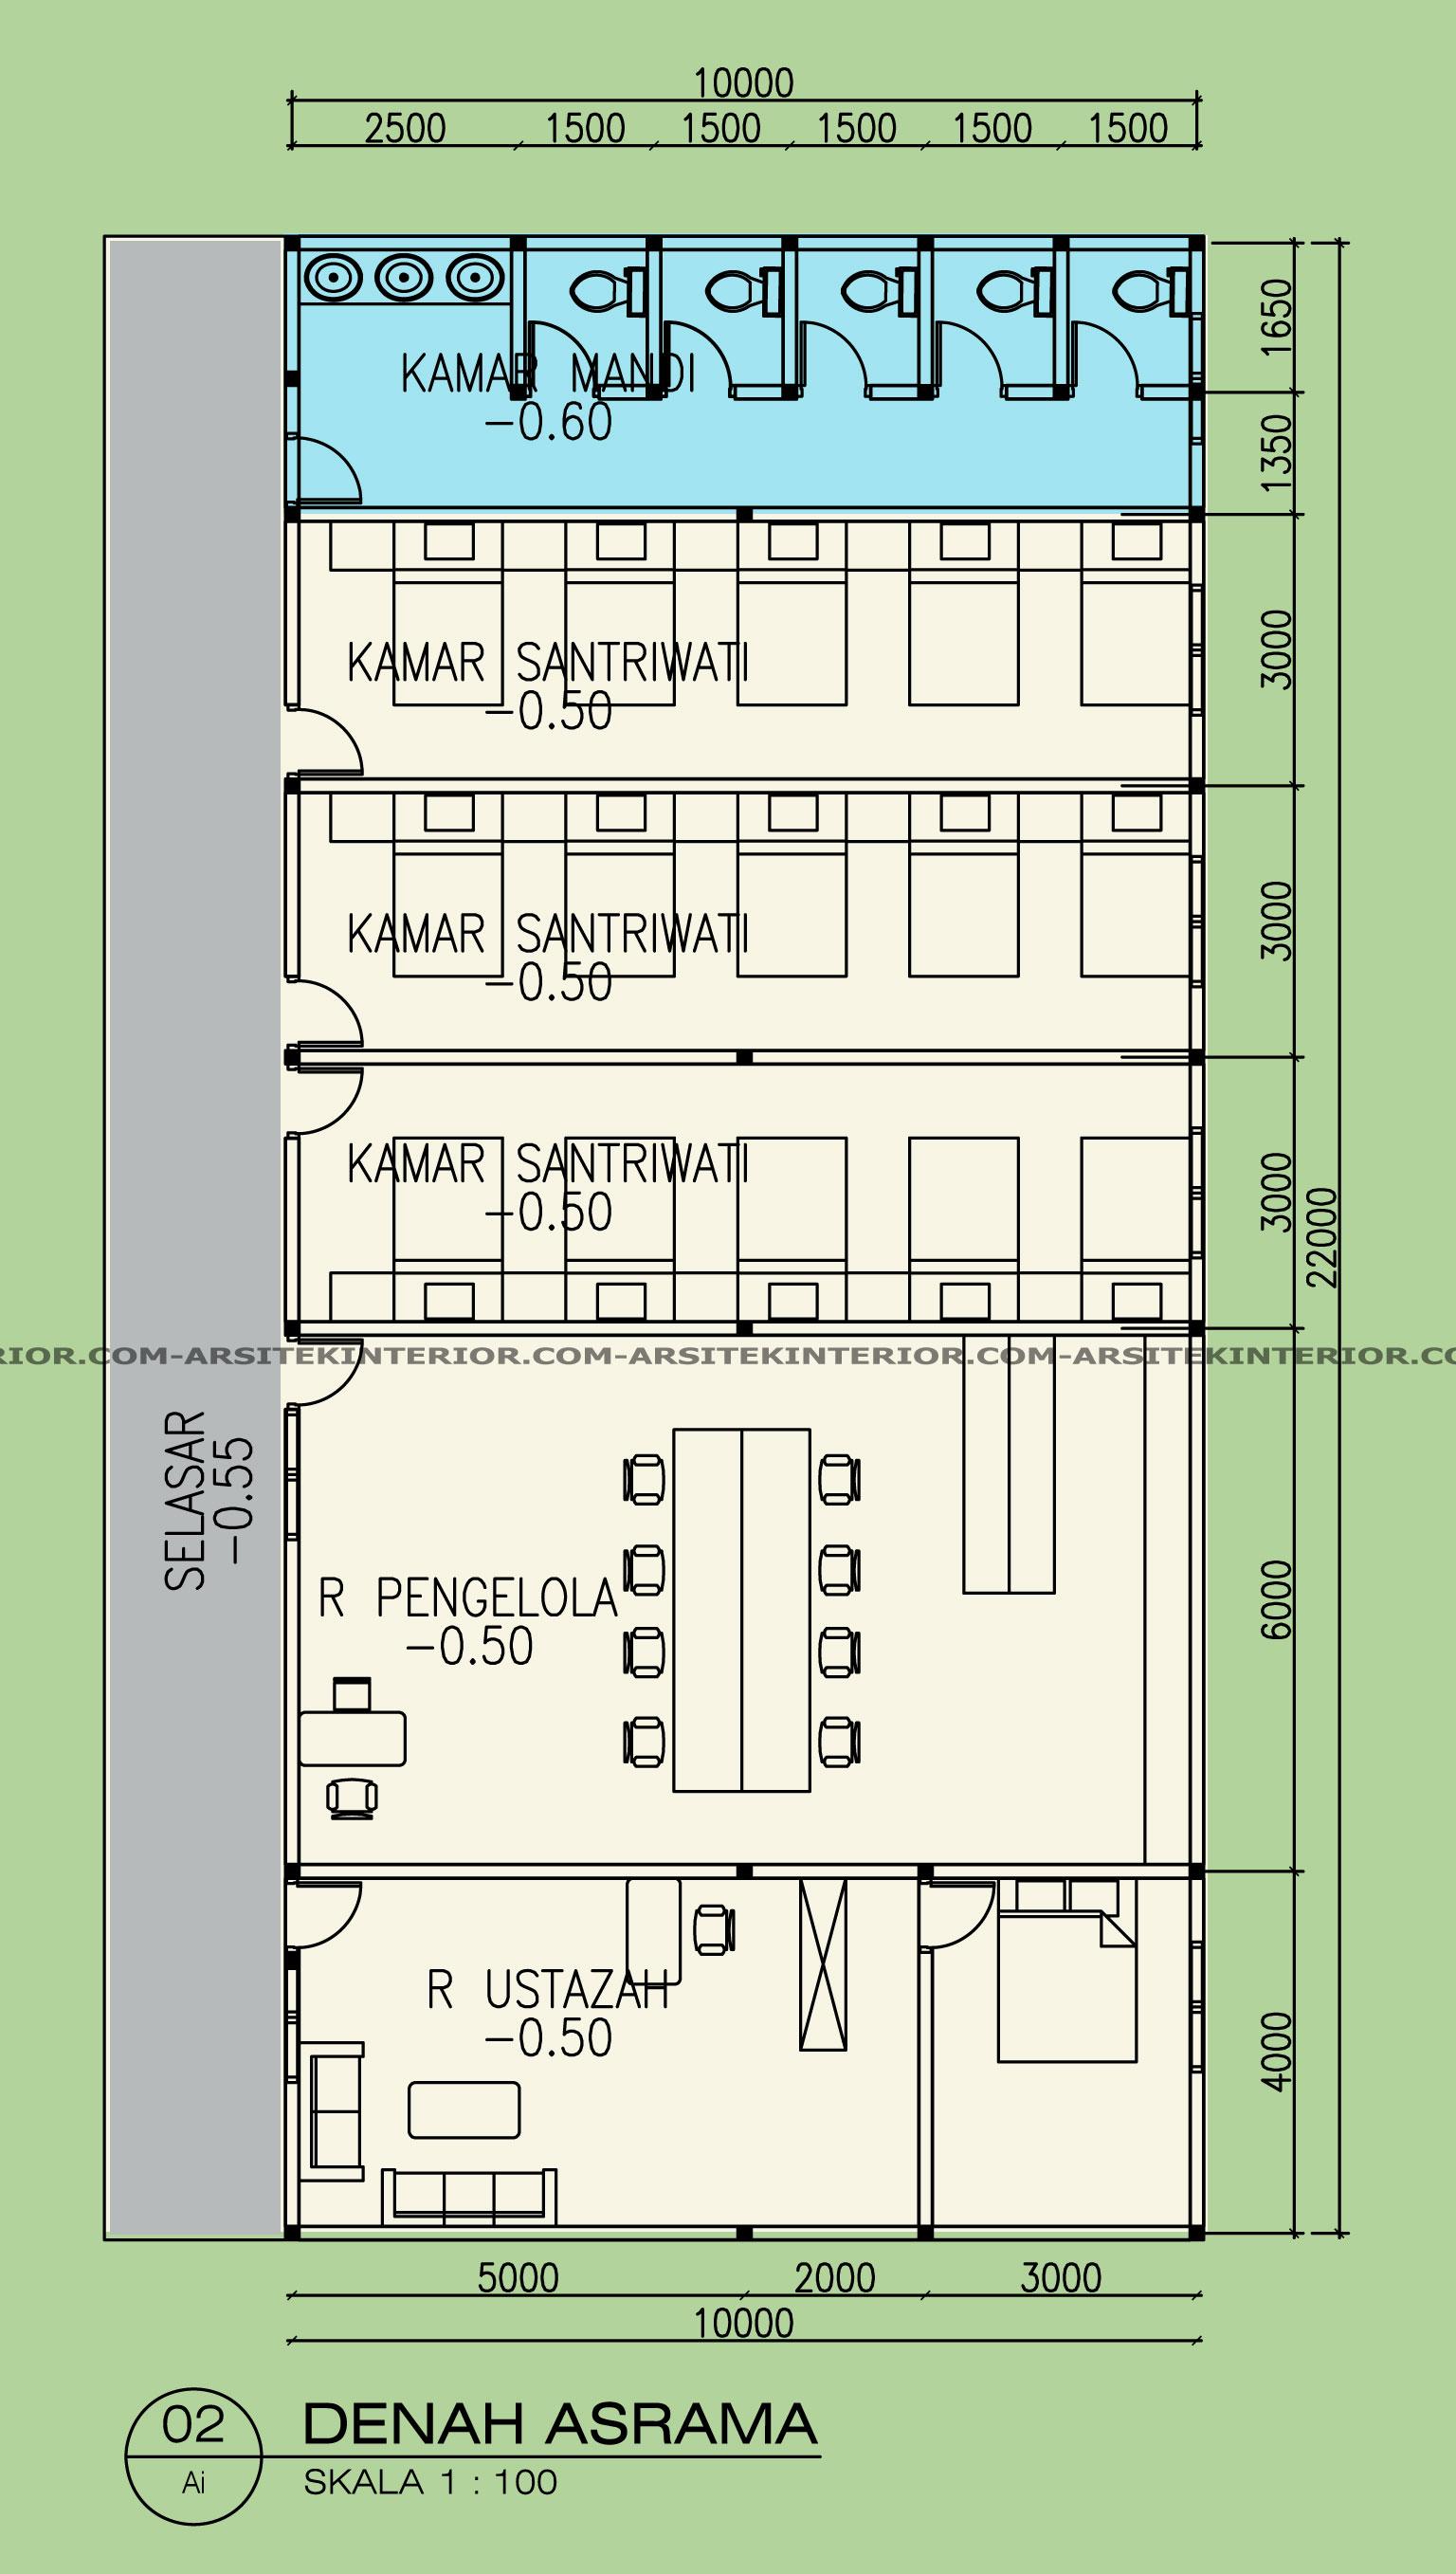 Jasa Arsitek Desain Kompleks Pondok Pesantren Asrama Musholla Dilahan Terbatas Gratis Download Gambar Dan Ukuran